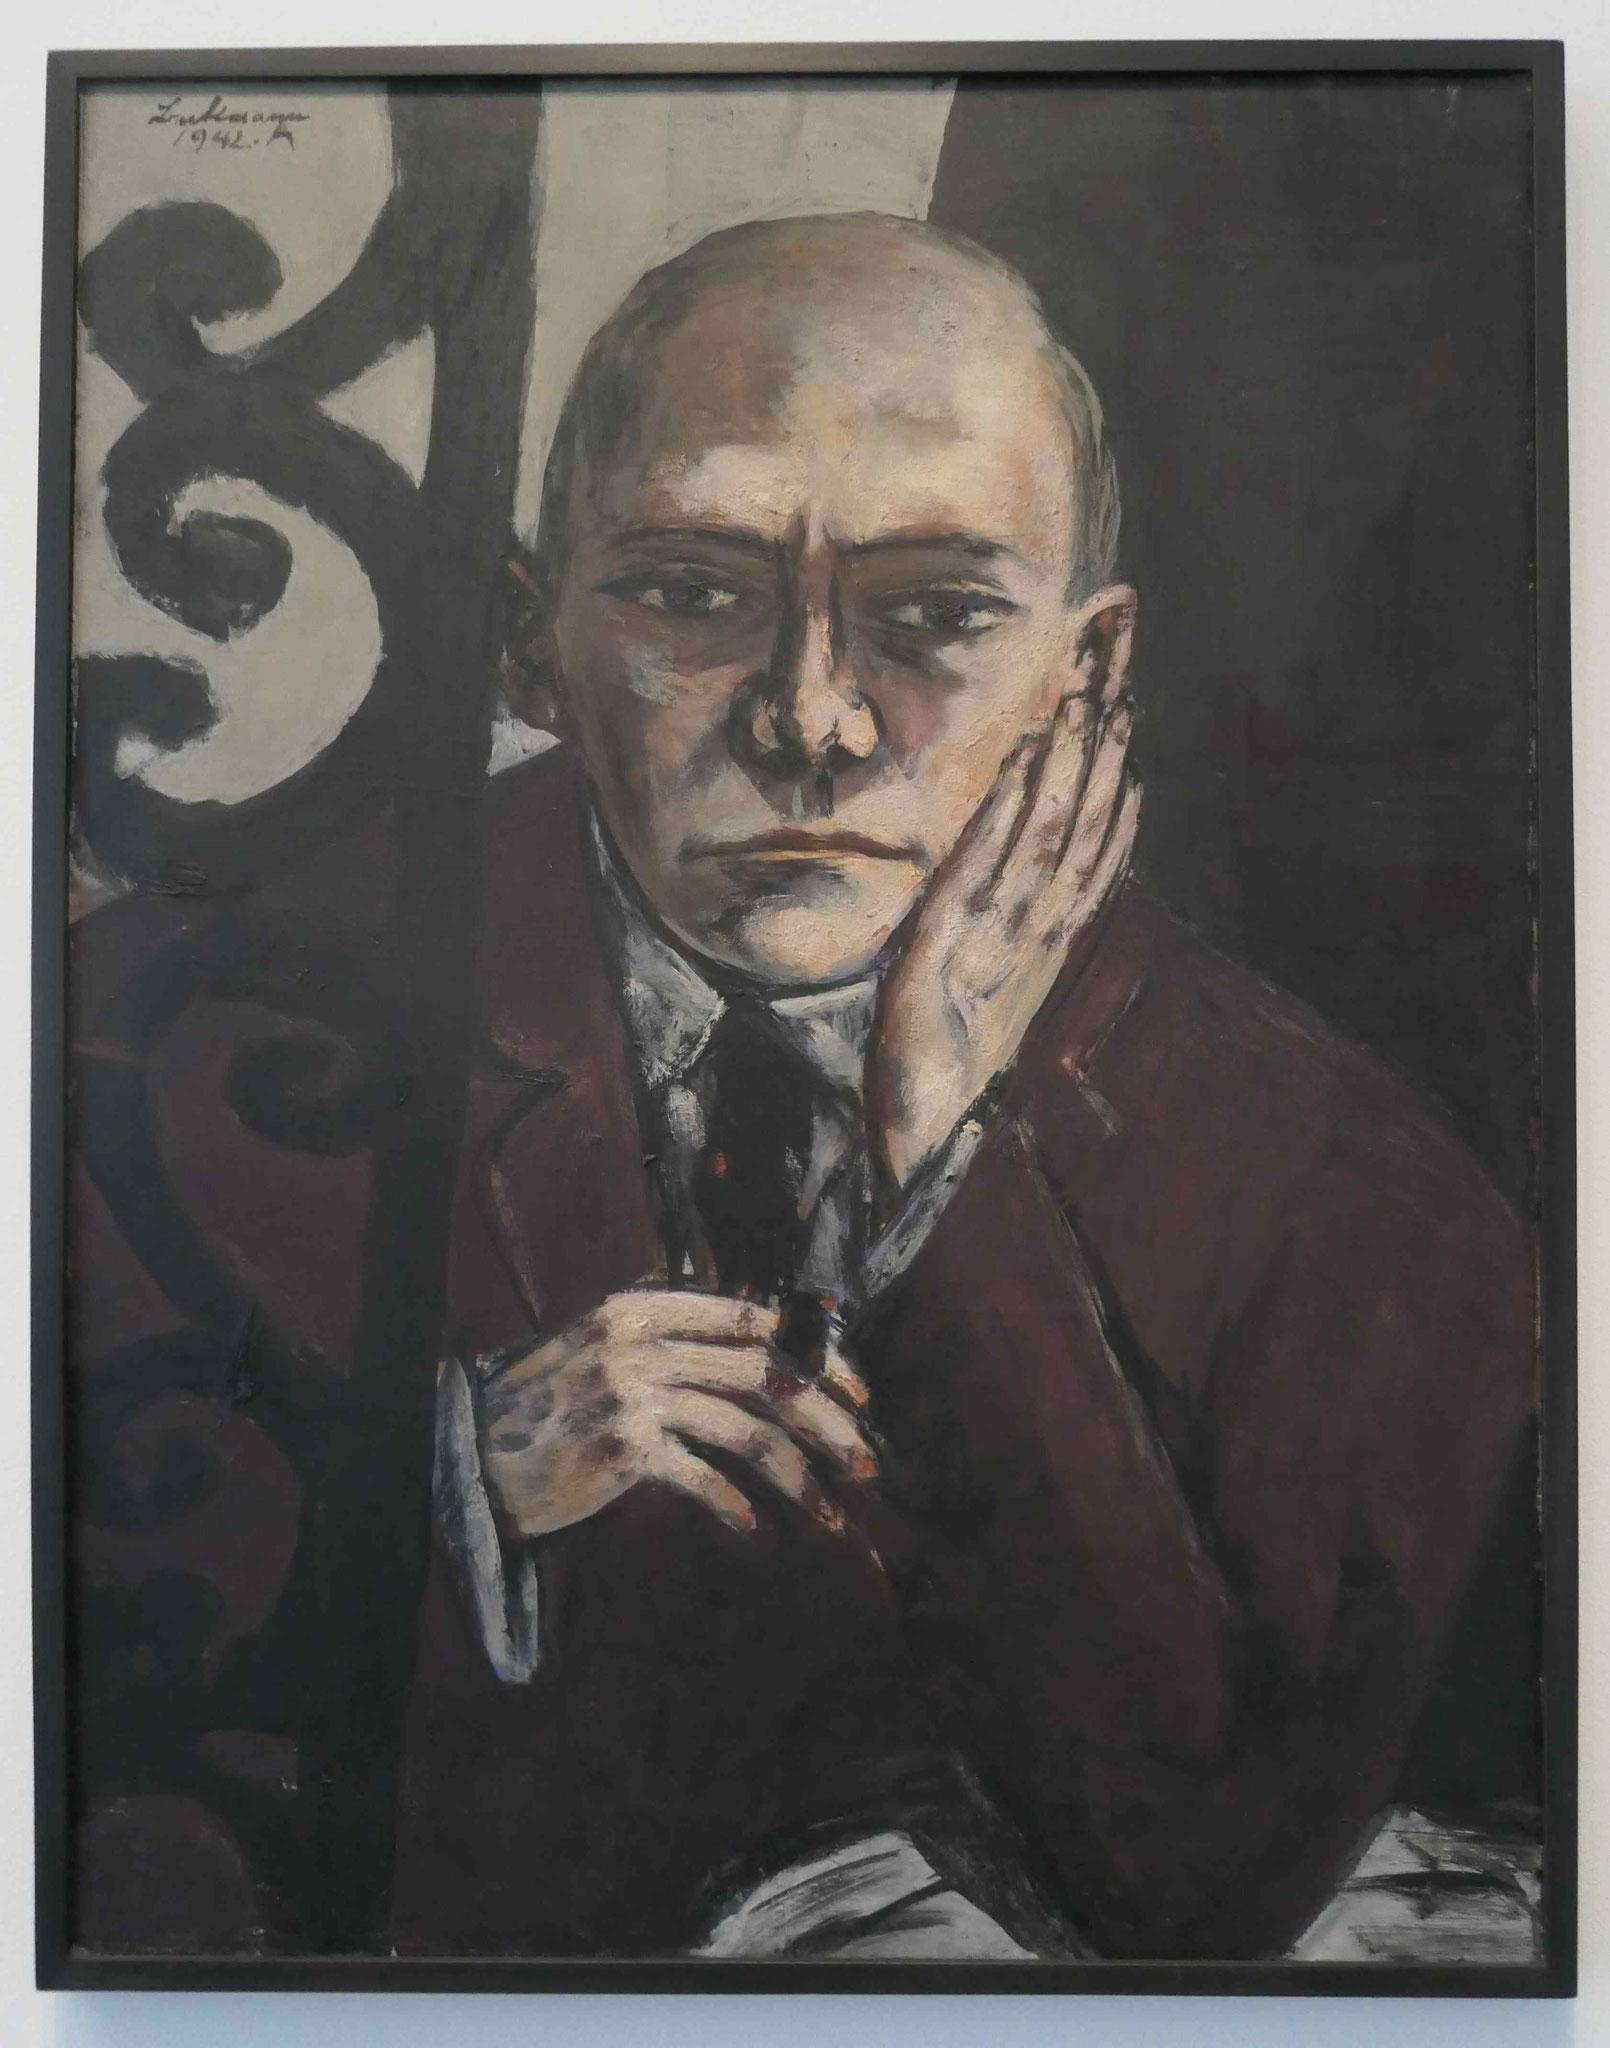 Max Beckmann, Selbstbildnis in der Bar, 1942, Neue Nationalgalerie Berlin